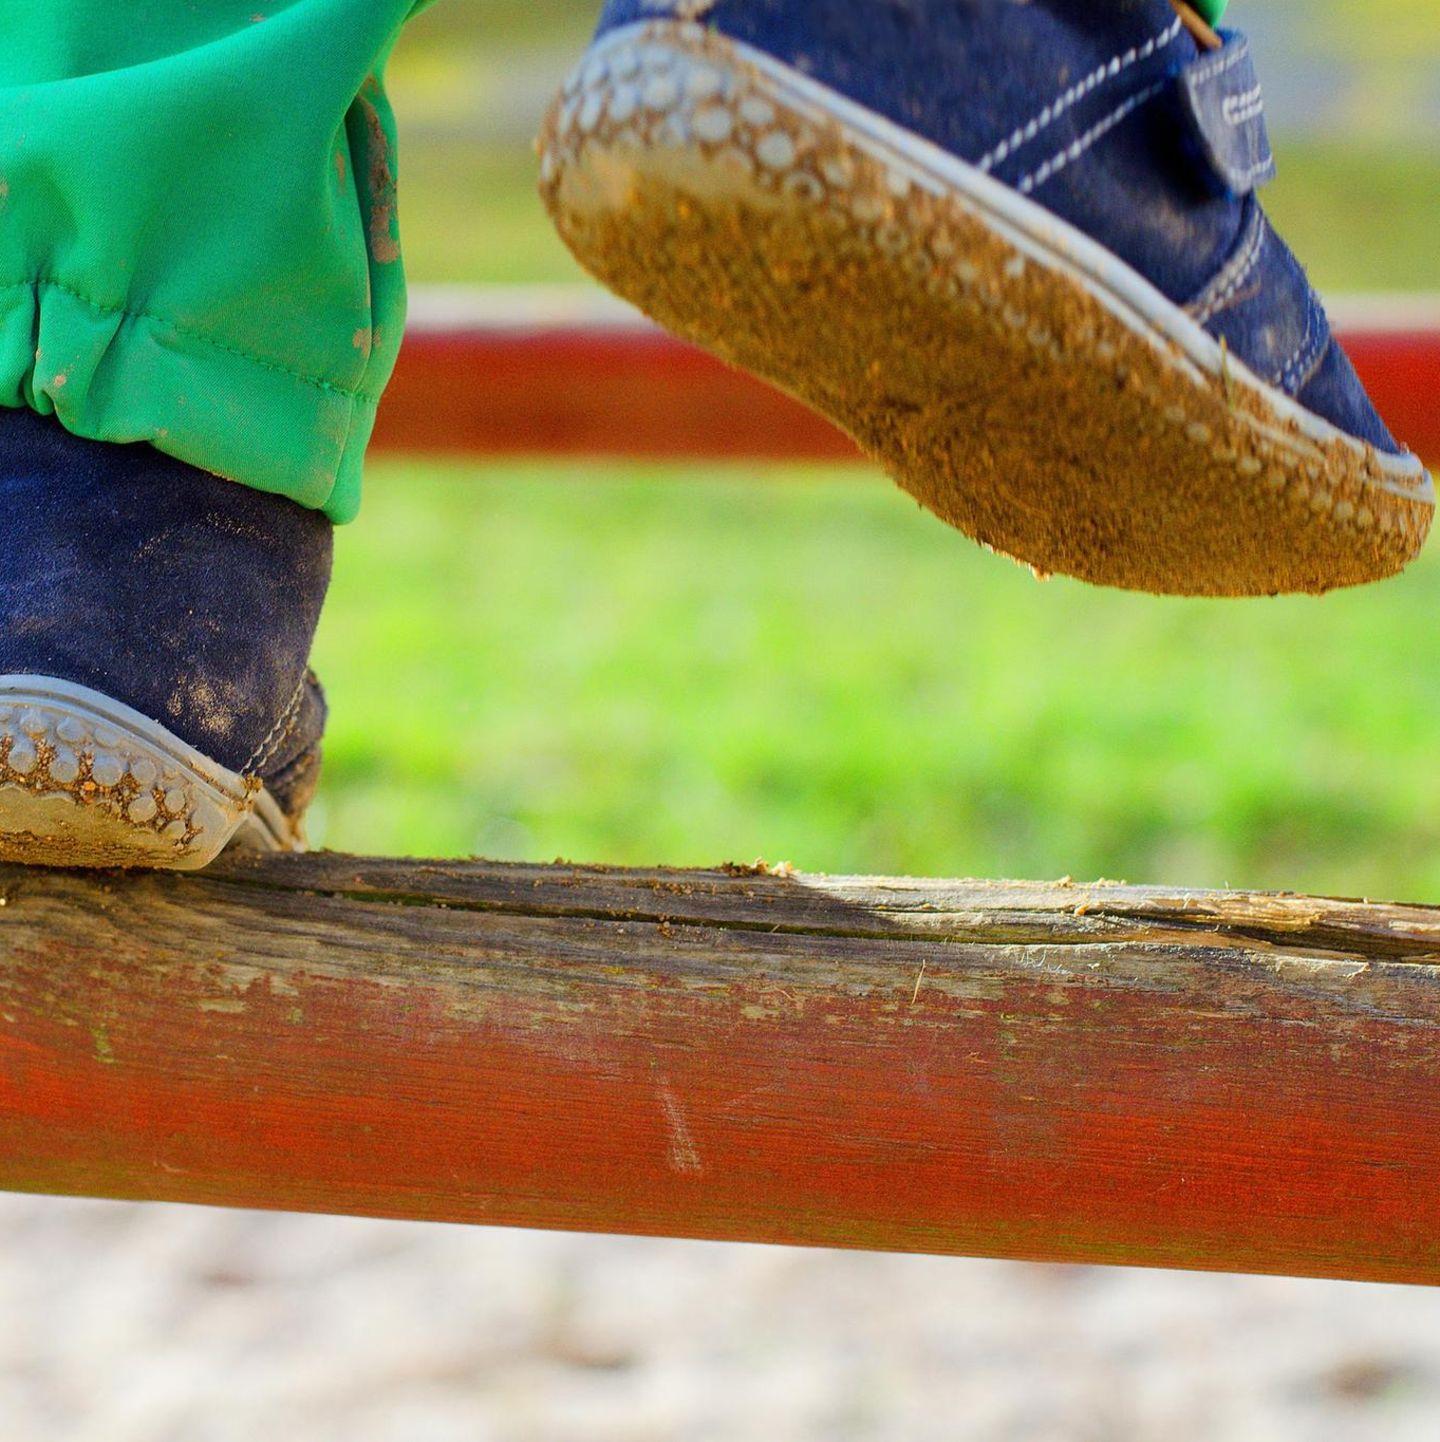 Kleinkindfüße in Schuhen auf Klettergerüst